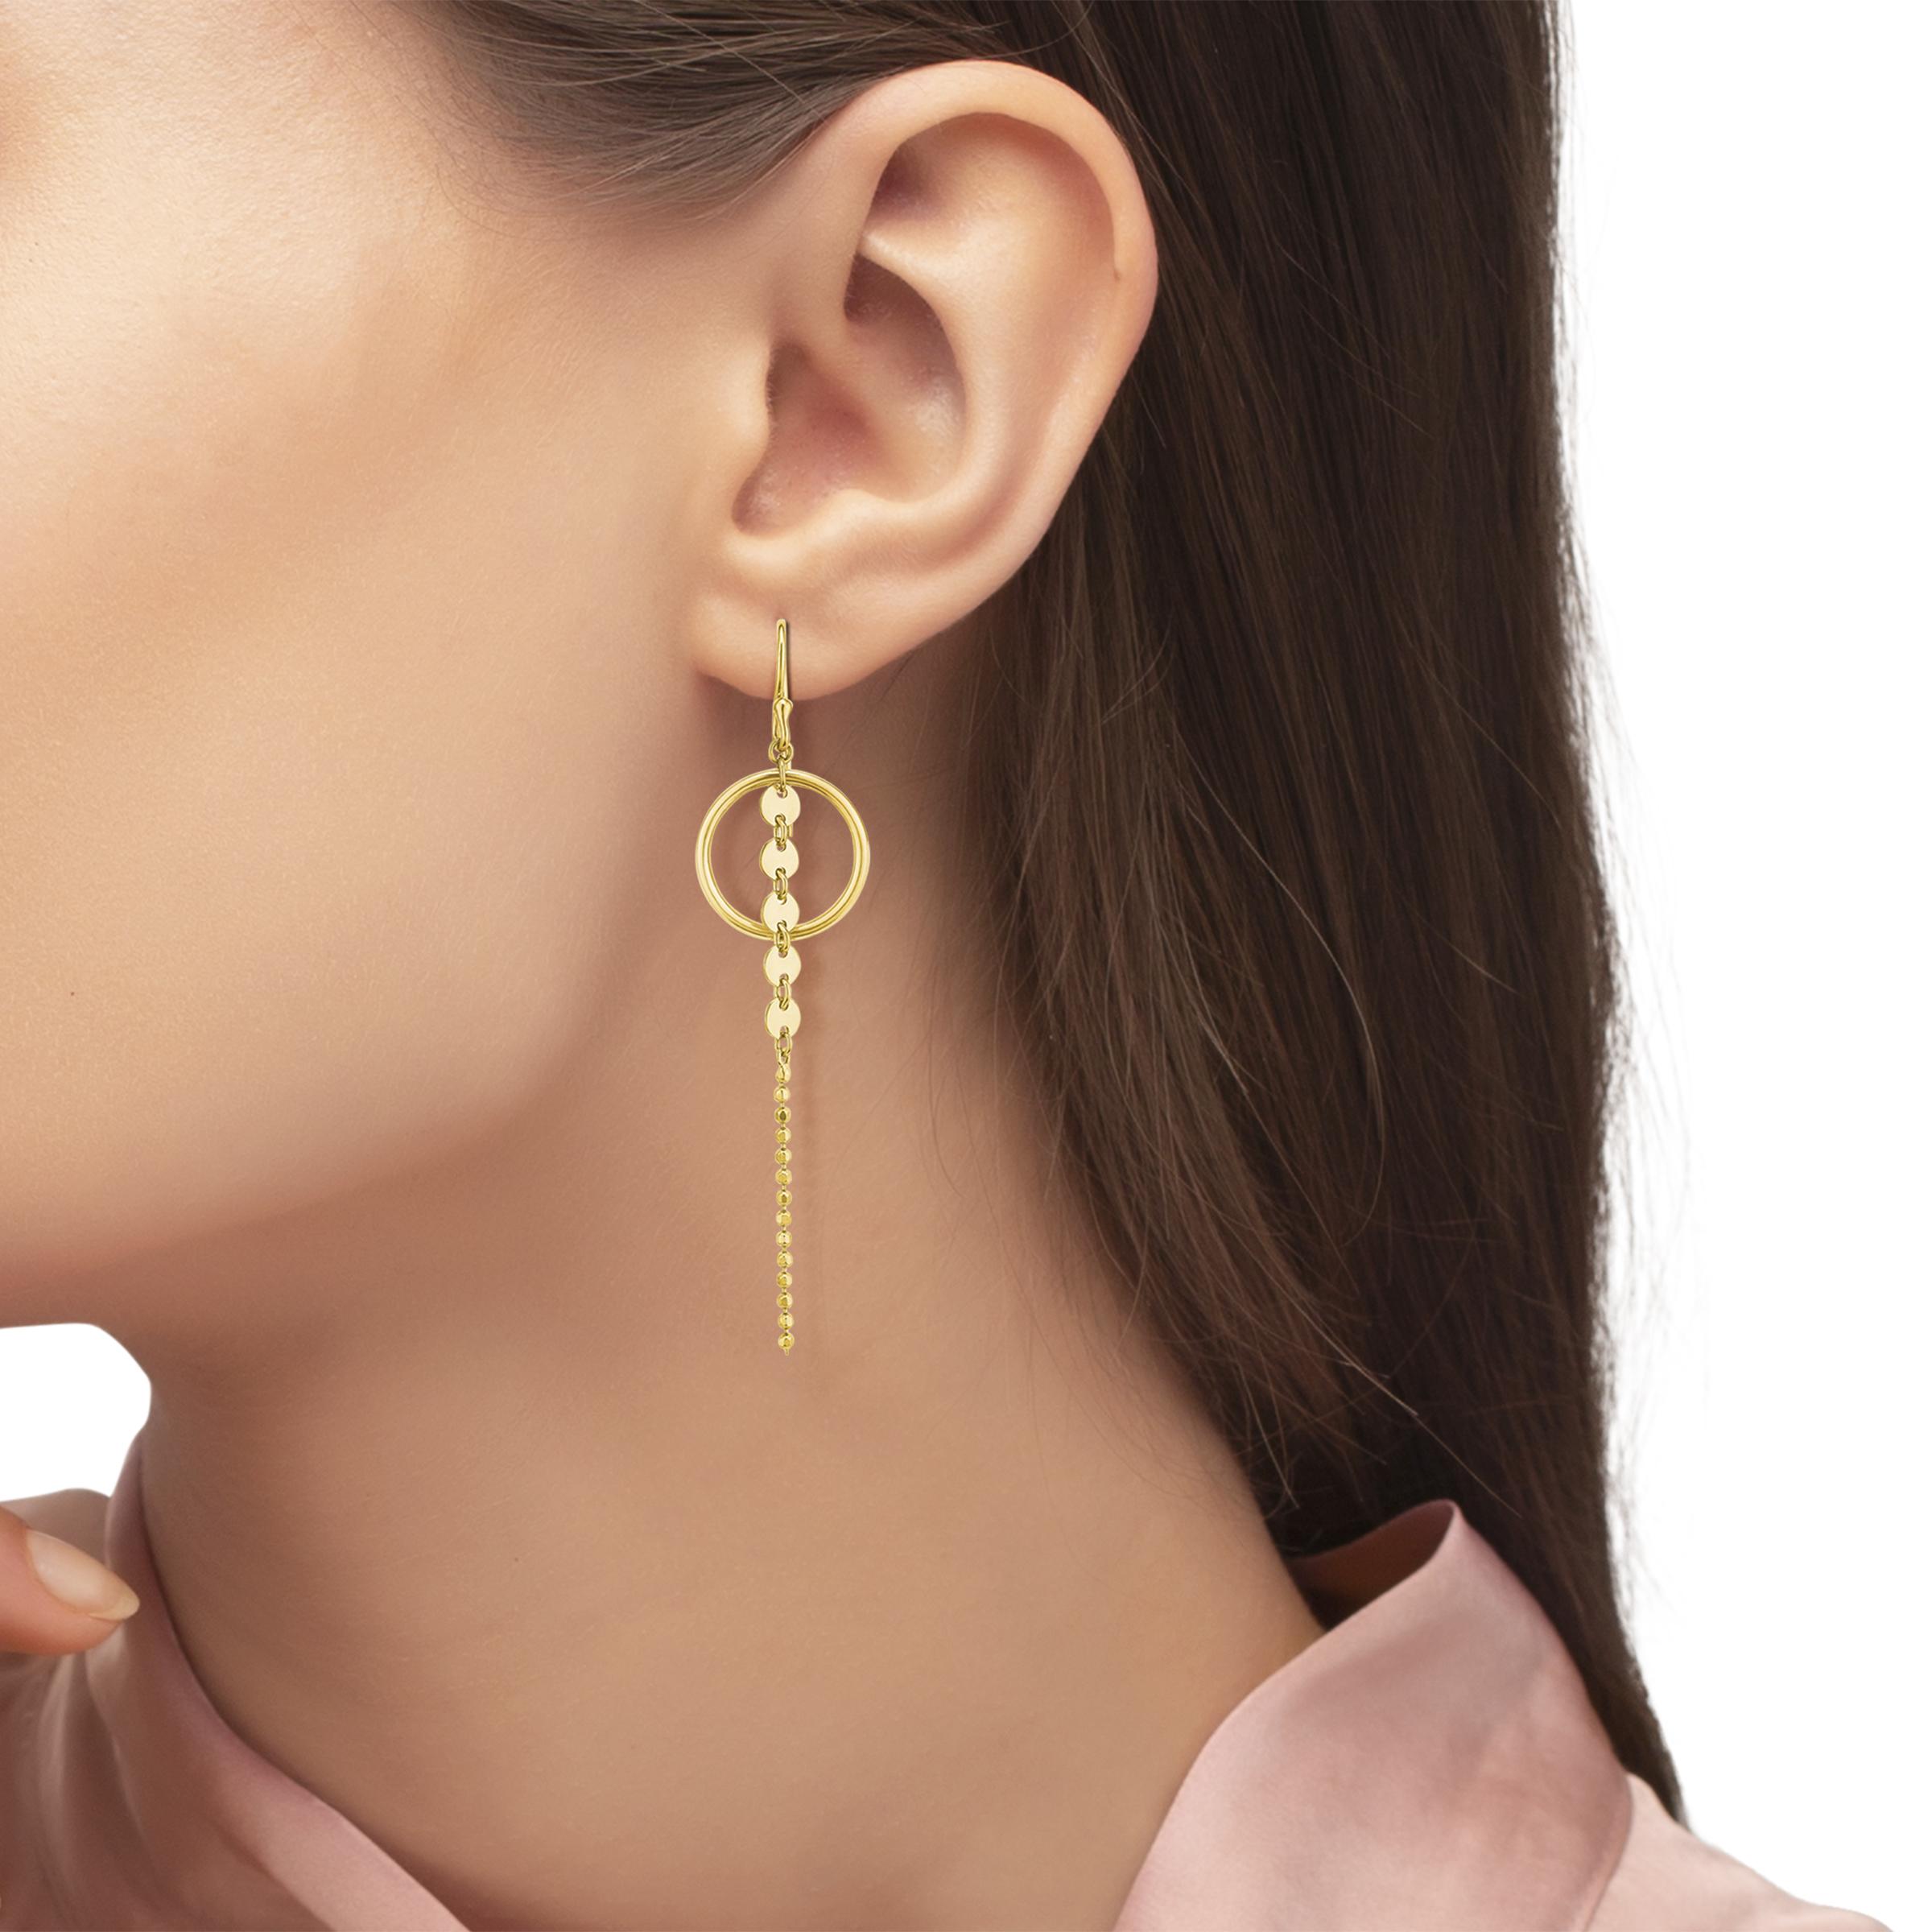 Ohrring Silber 925, gelbvergoldet